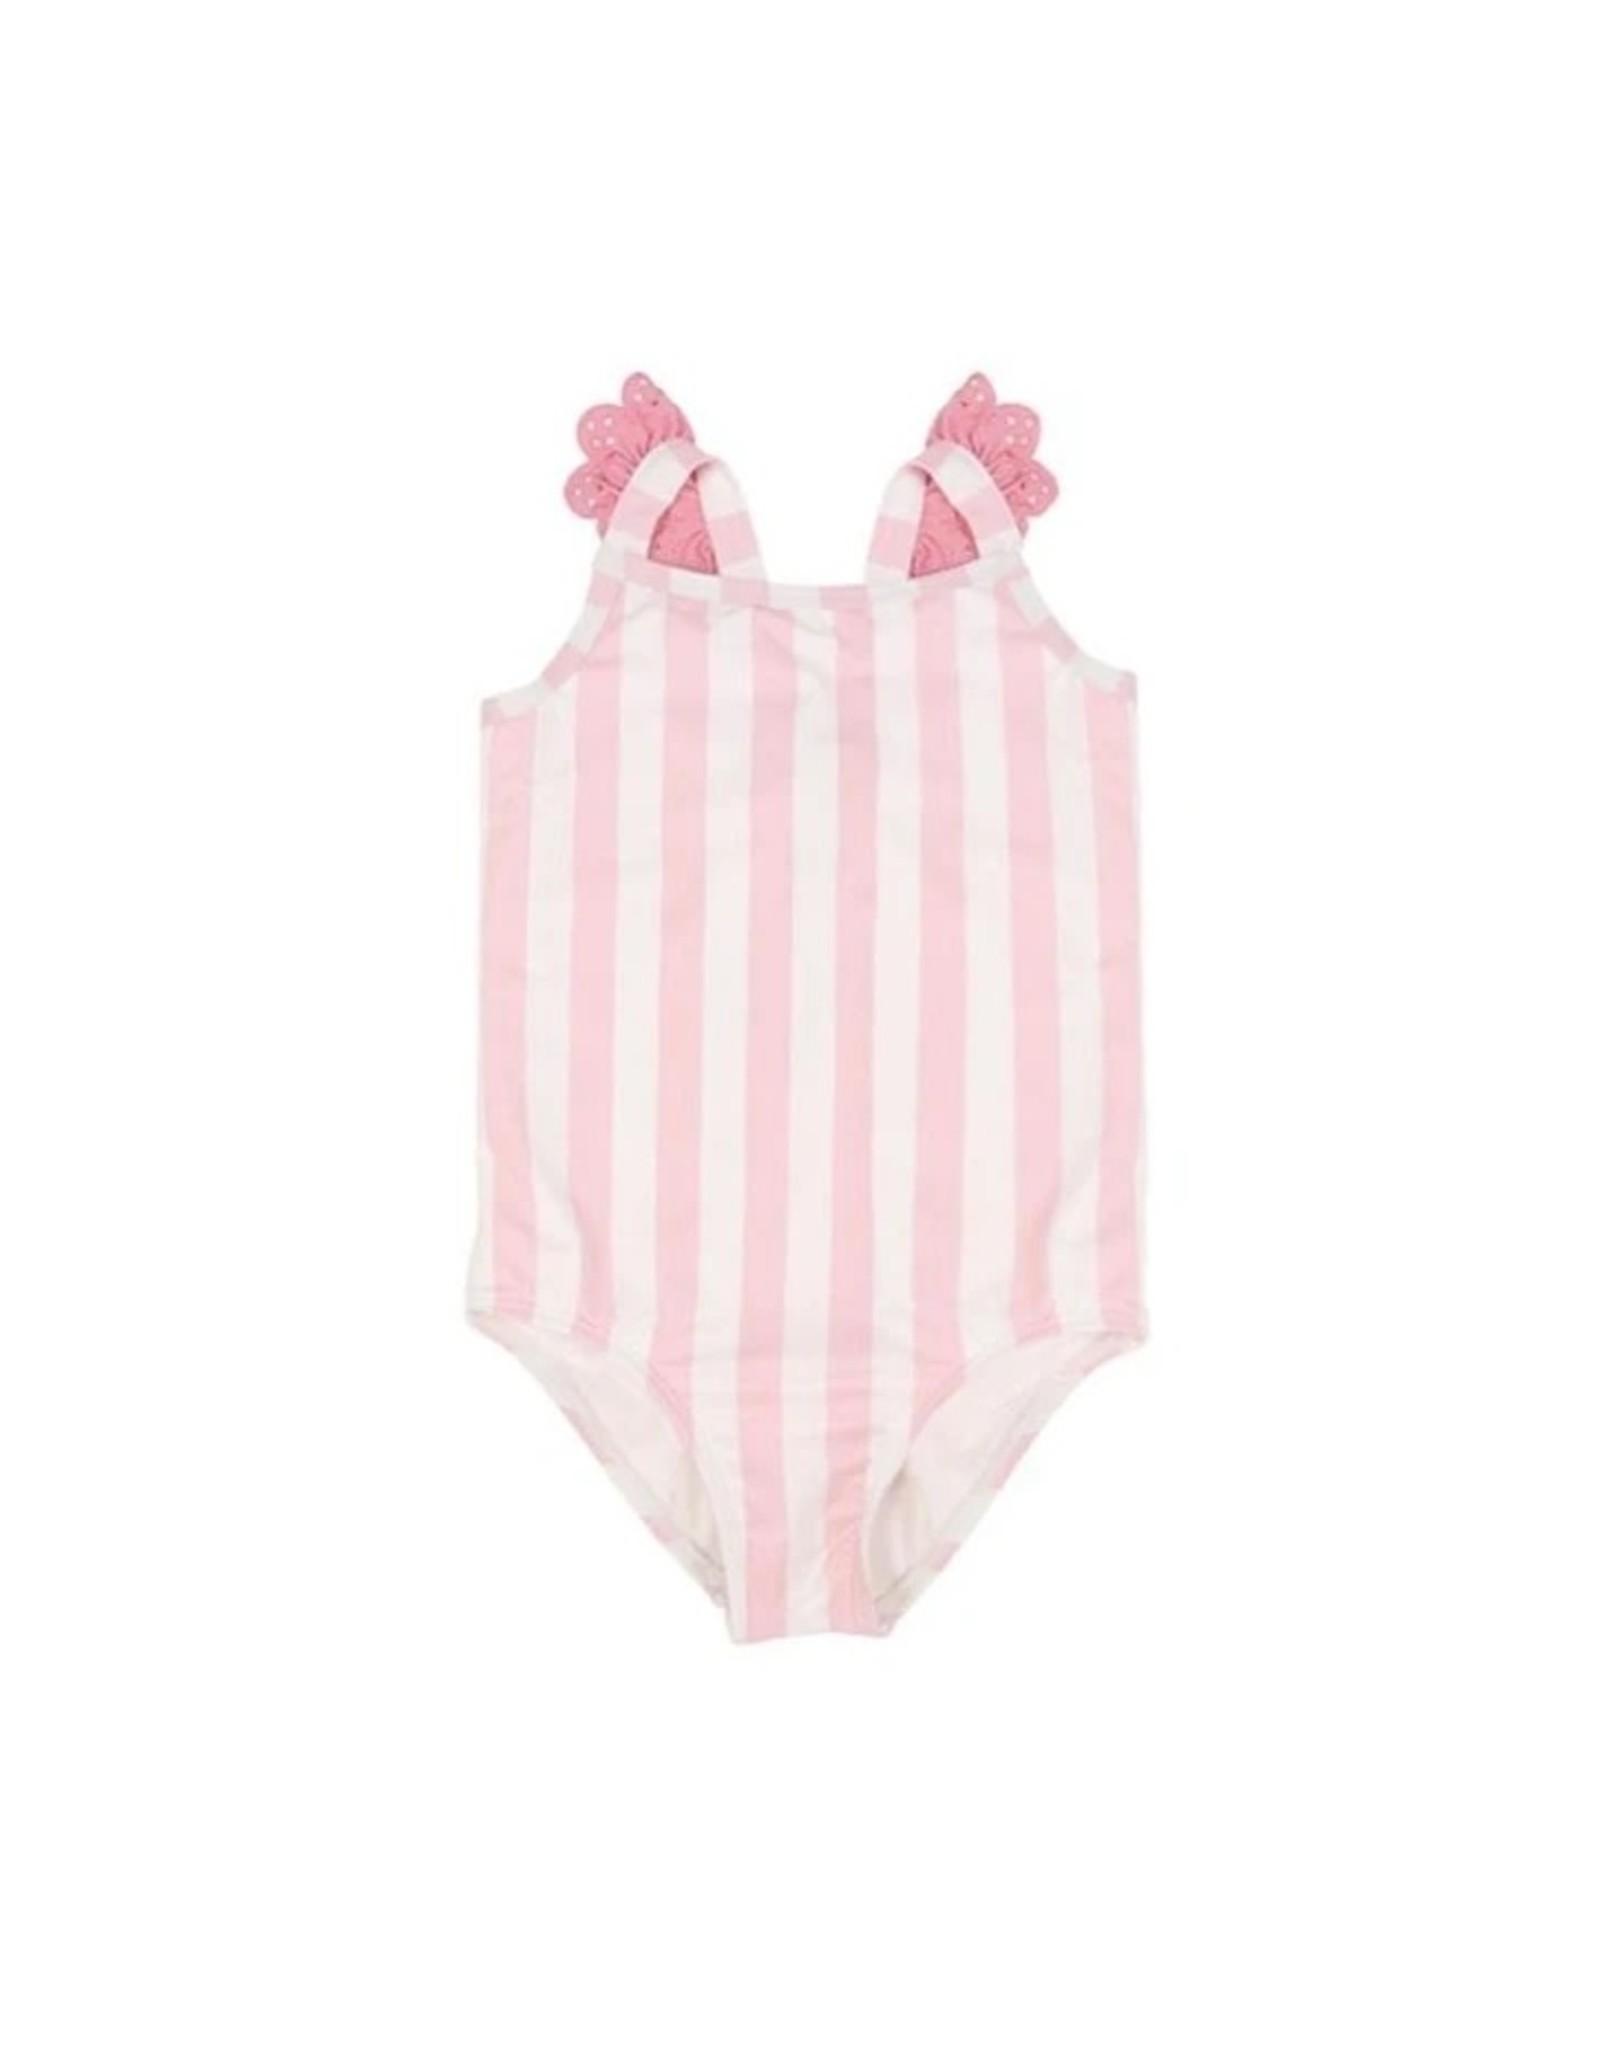 The Beaufort Bonnet Company Long Bay Bathing Suit-NoSnaps